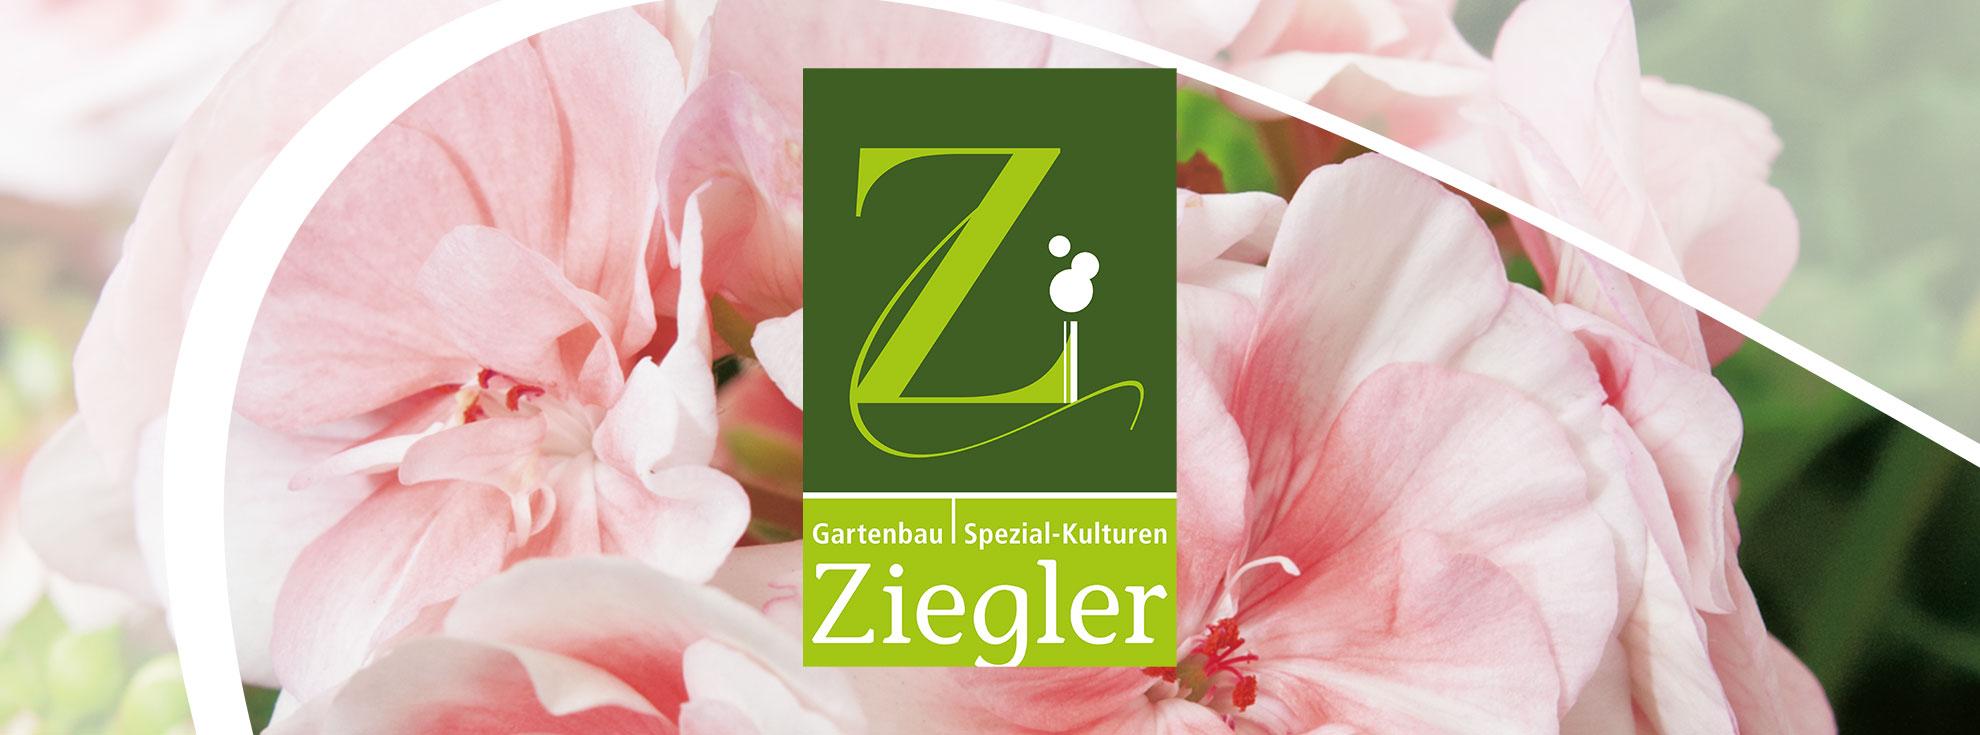 Titelbild Corporate Design für Gartenbau Ziegler